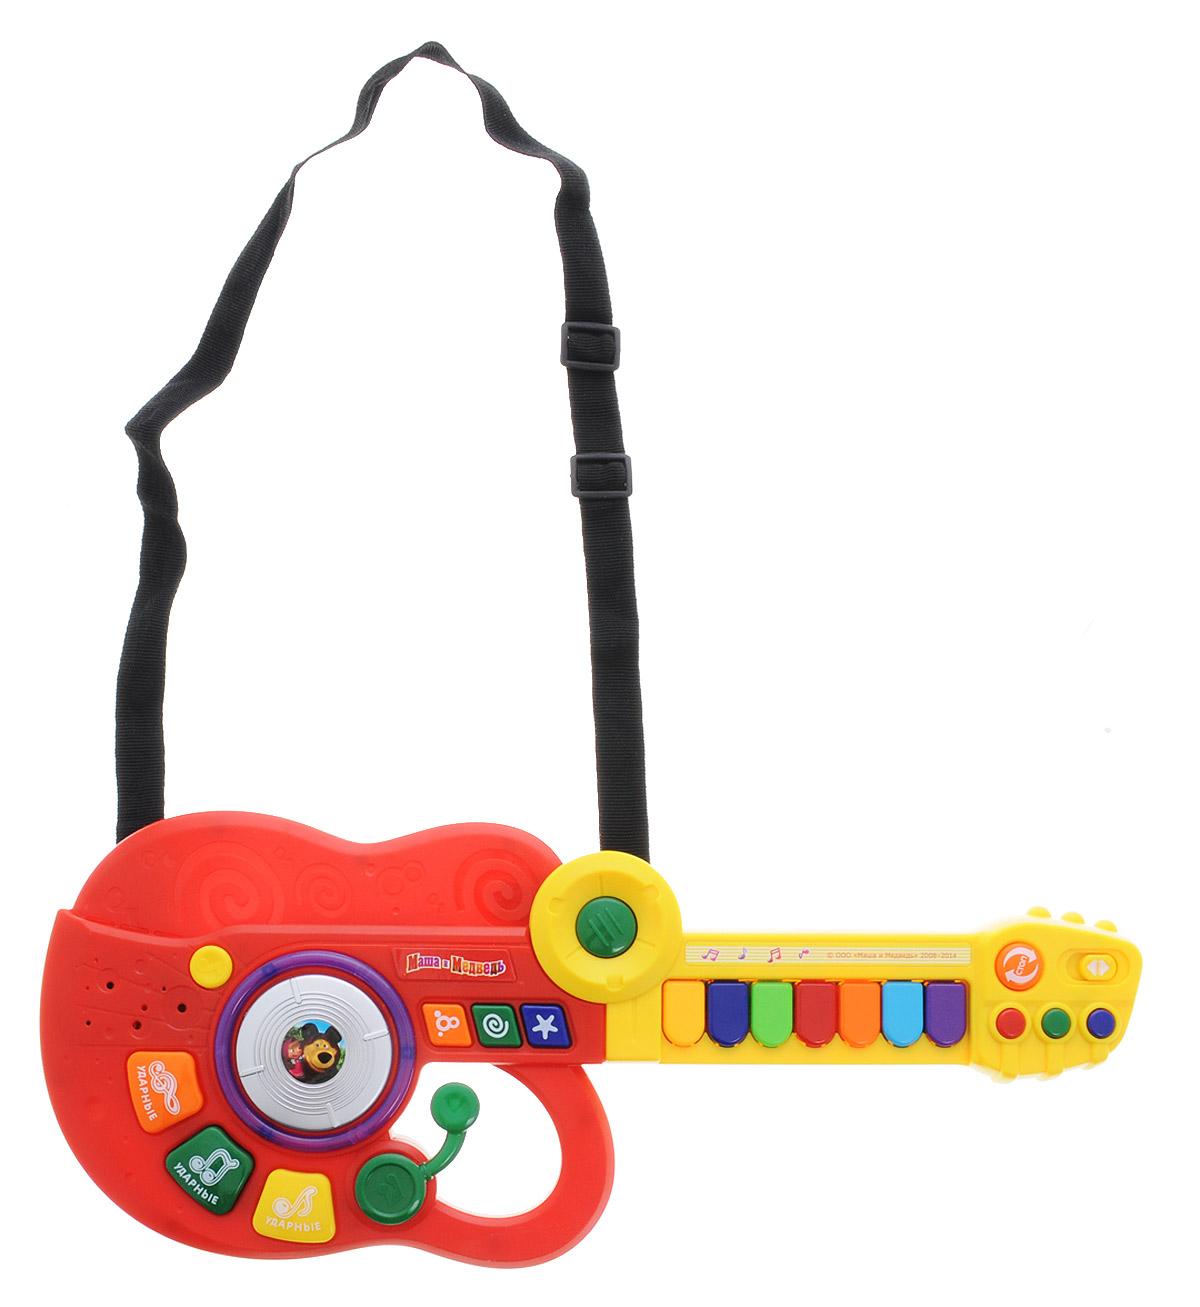 Играем вместе Электрогитара-синтезатор Маша и Медведь цвет красный желтый - Музыкальные инструменты